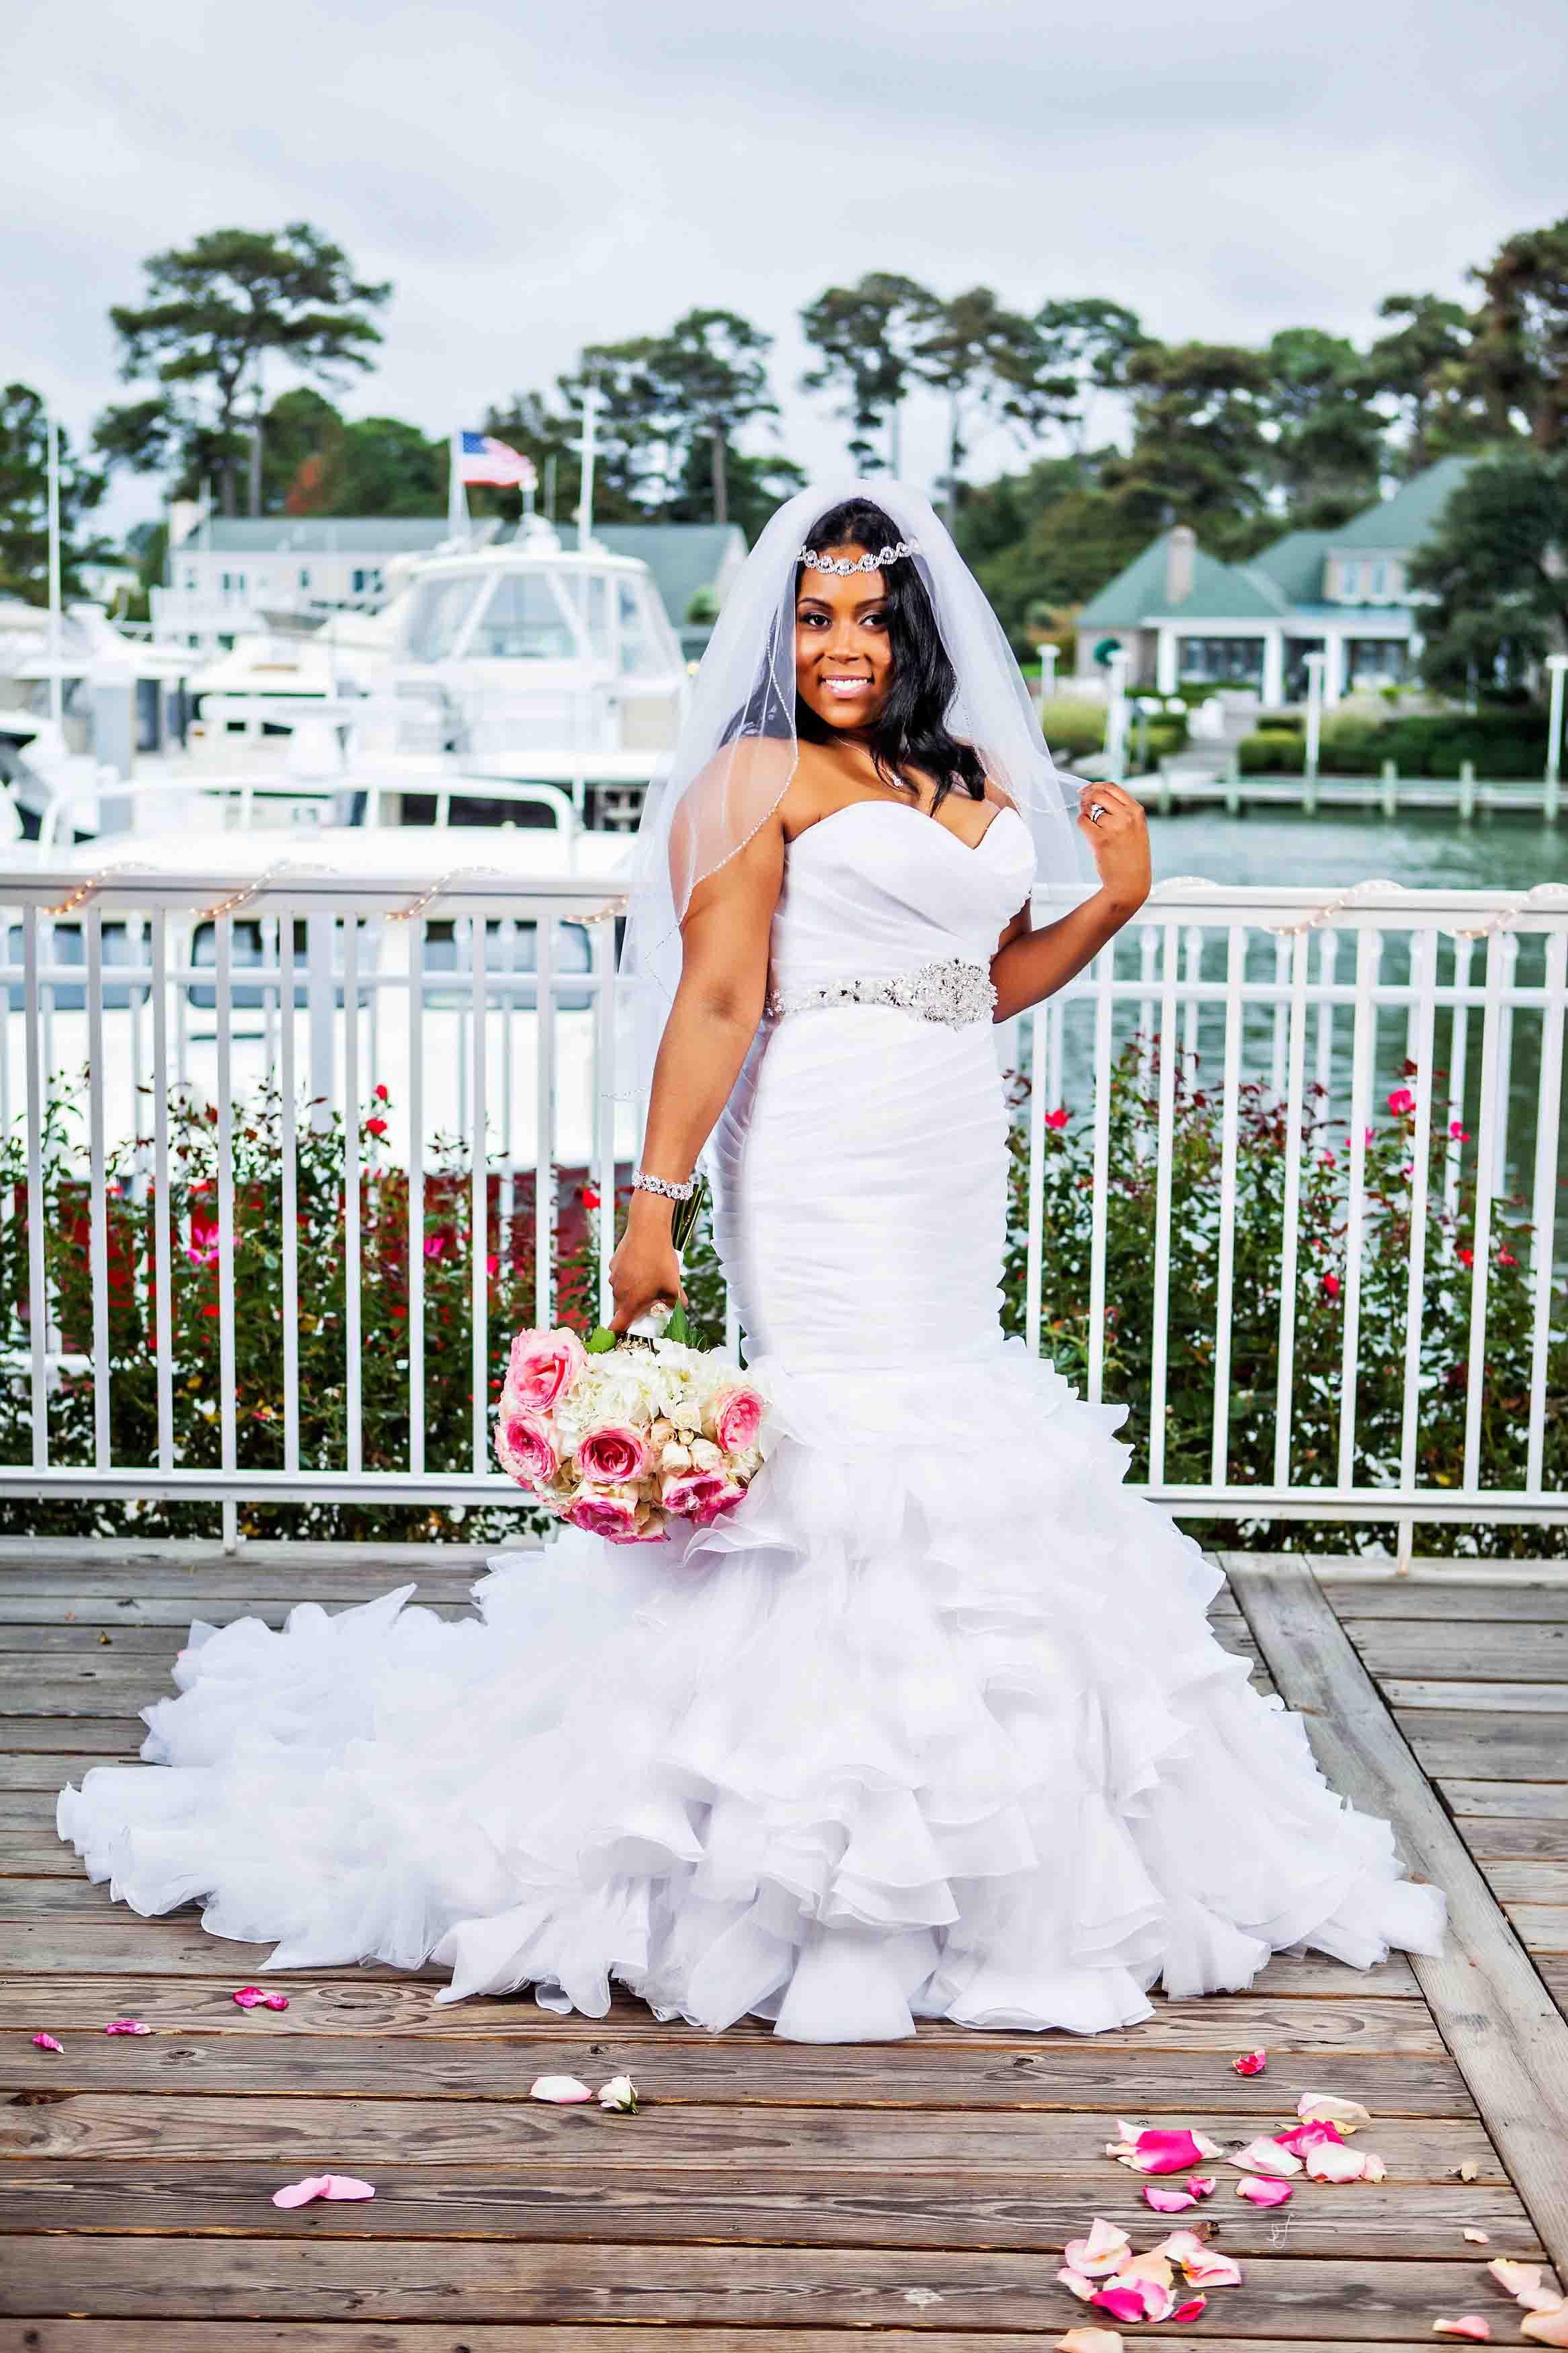 Marina Shores Wedding Photograph Virginia Beach - Kylie And Arlon - by John Cachero for Ross Costanza Photography